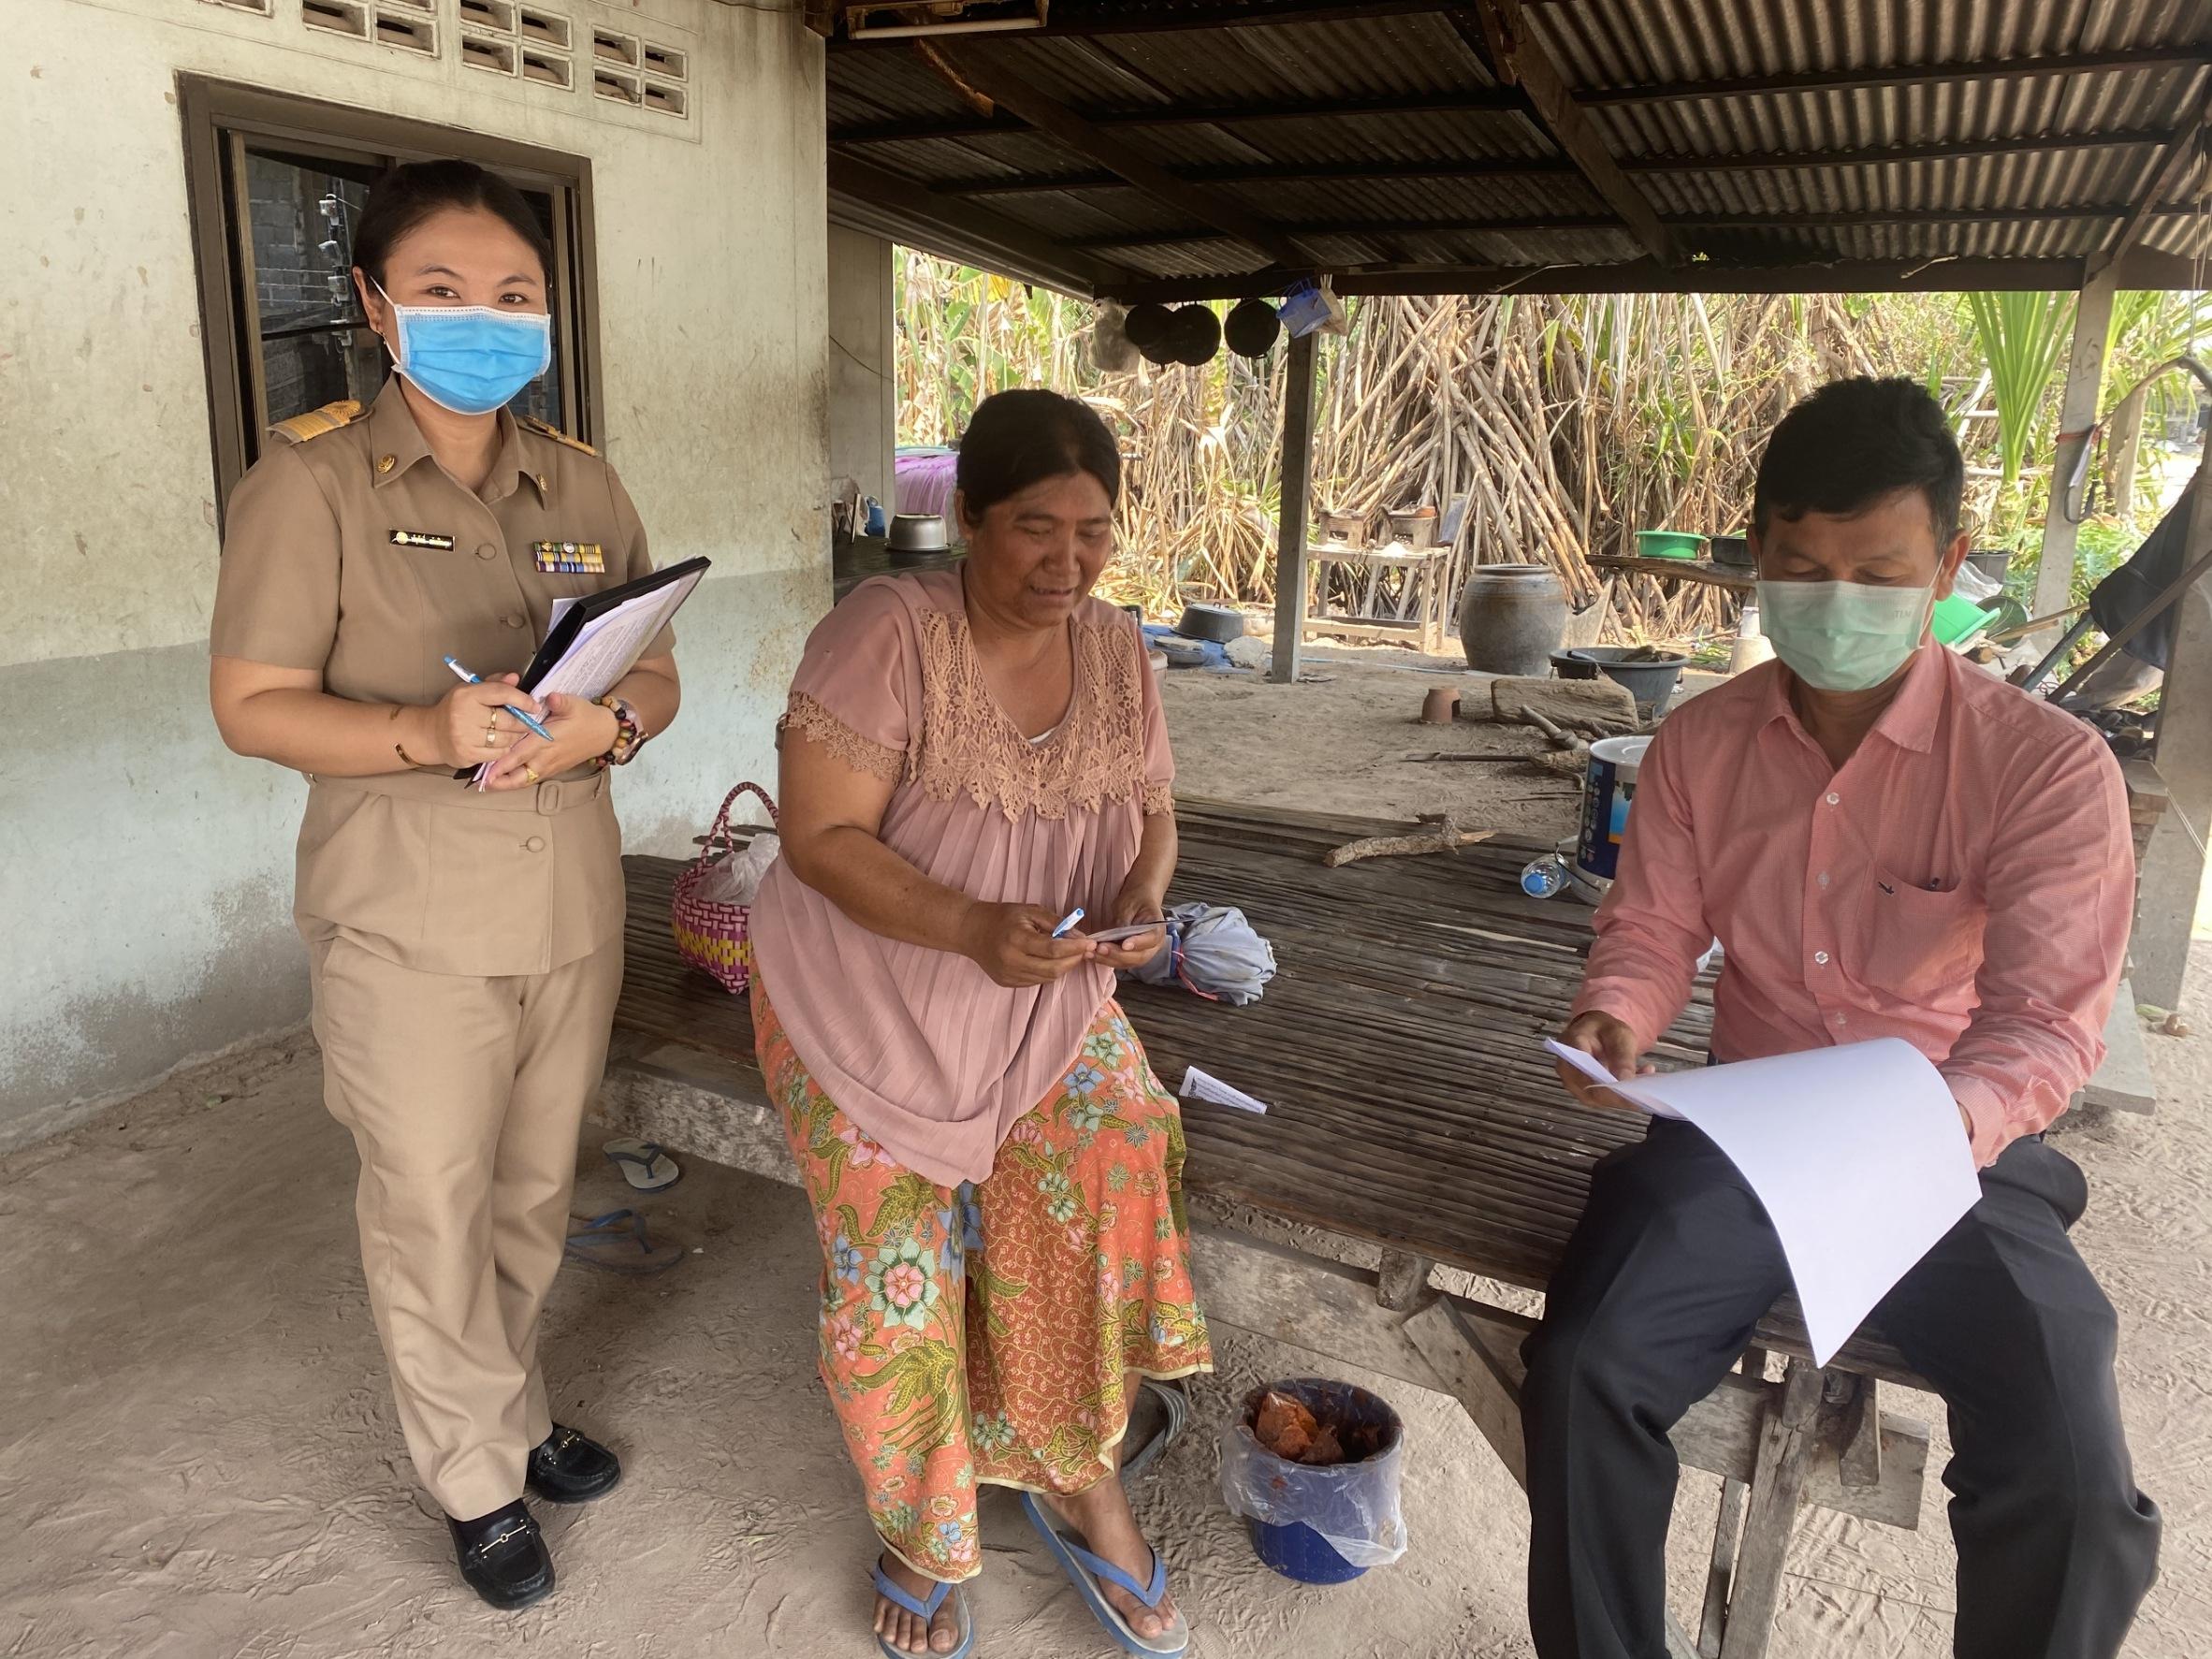 บูรณาการตรวจเยี่ยมแรงงานไทยที่เดินทางกลับจากประเทศเสี่ยงต่อการติดเชื้อ และแพร่ระบาดของโรคไวรัส COVID-19 จังหวัดศรีสะเกษ